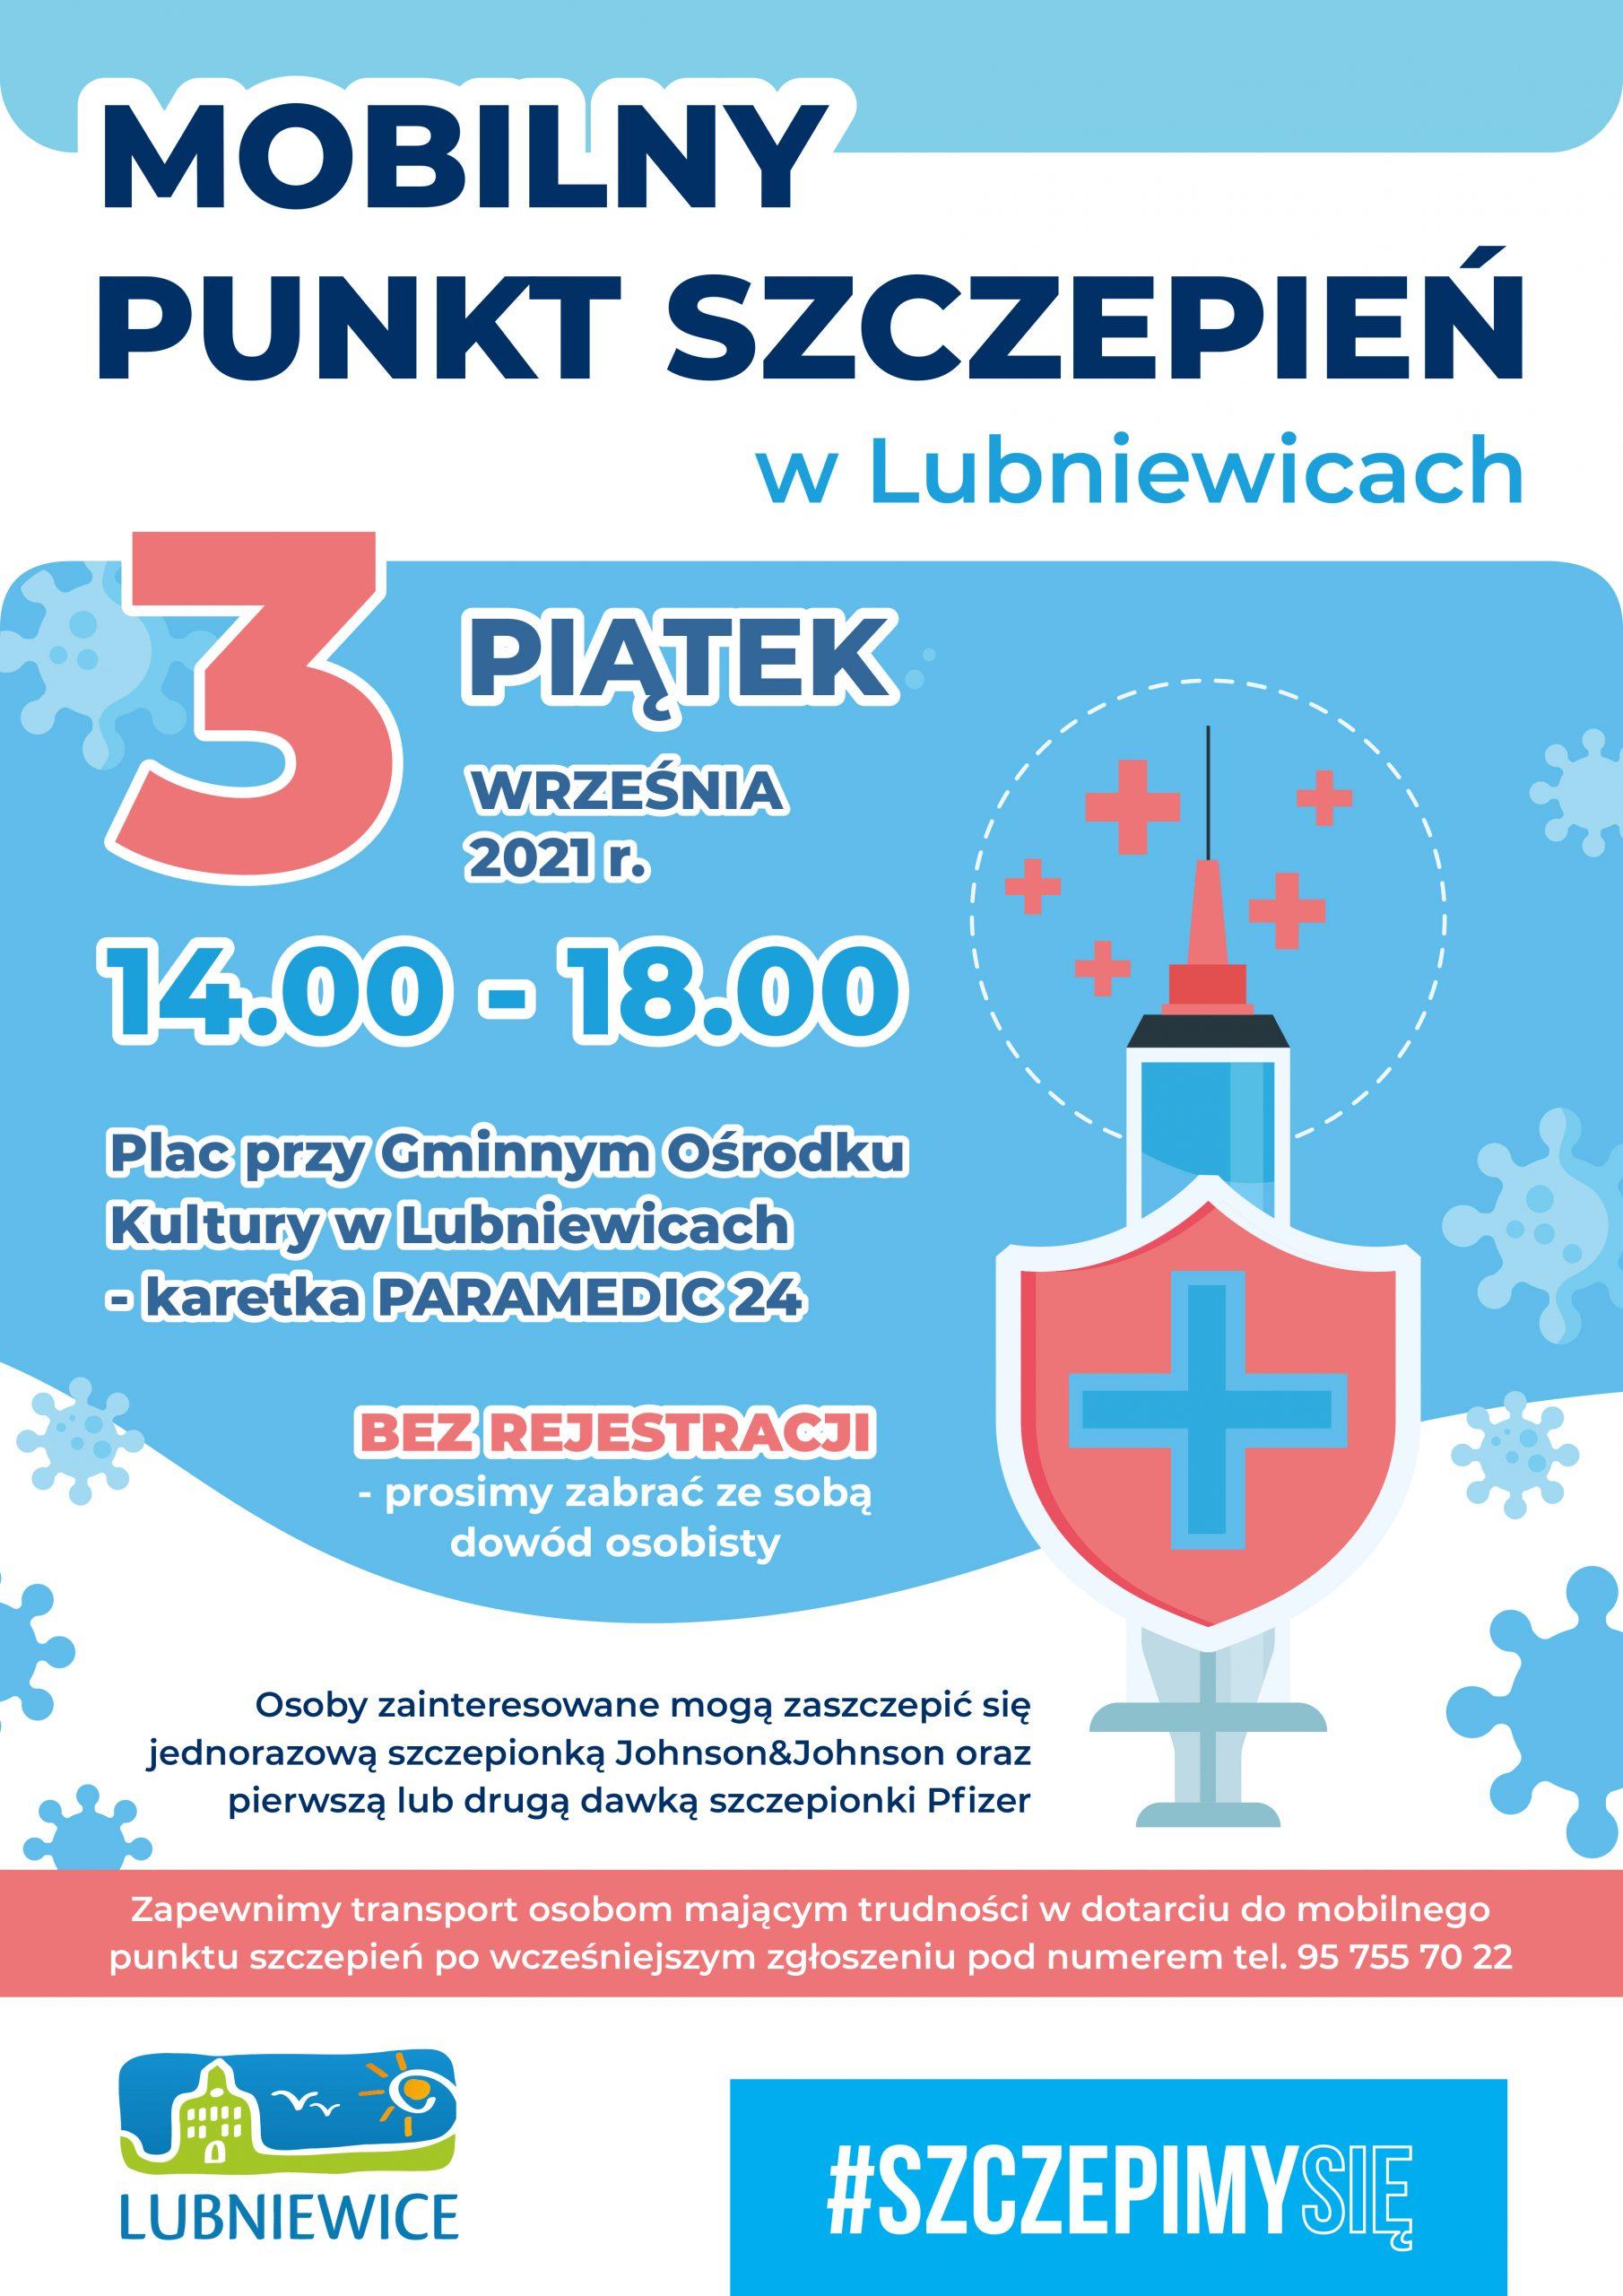 Mobilny-punkt-szczepień-lubniewice-2021-plakat